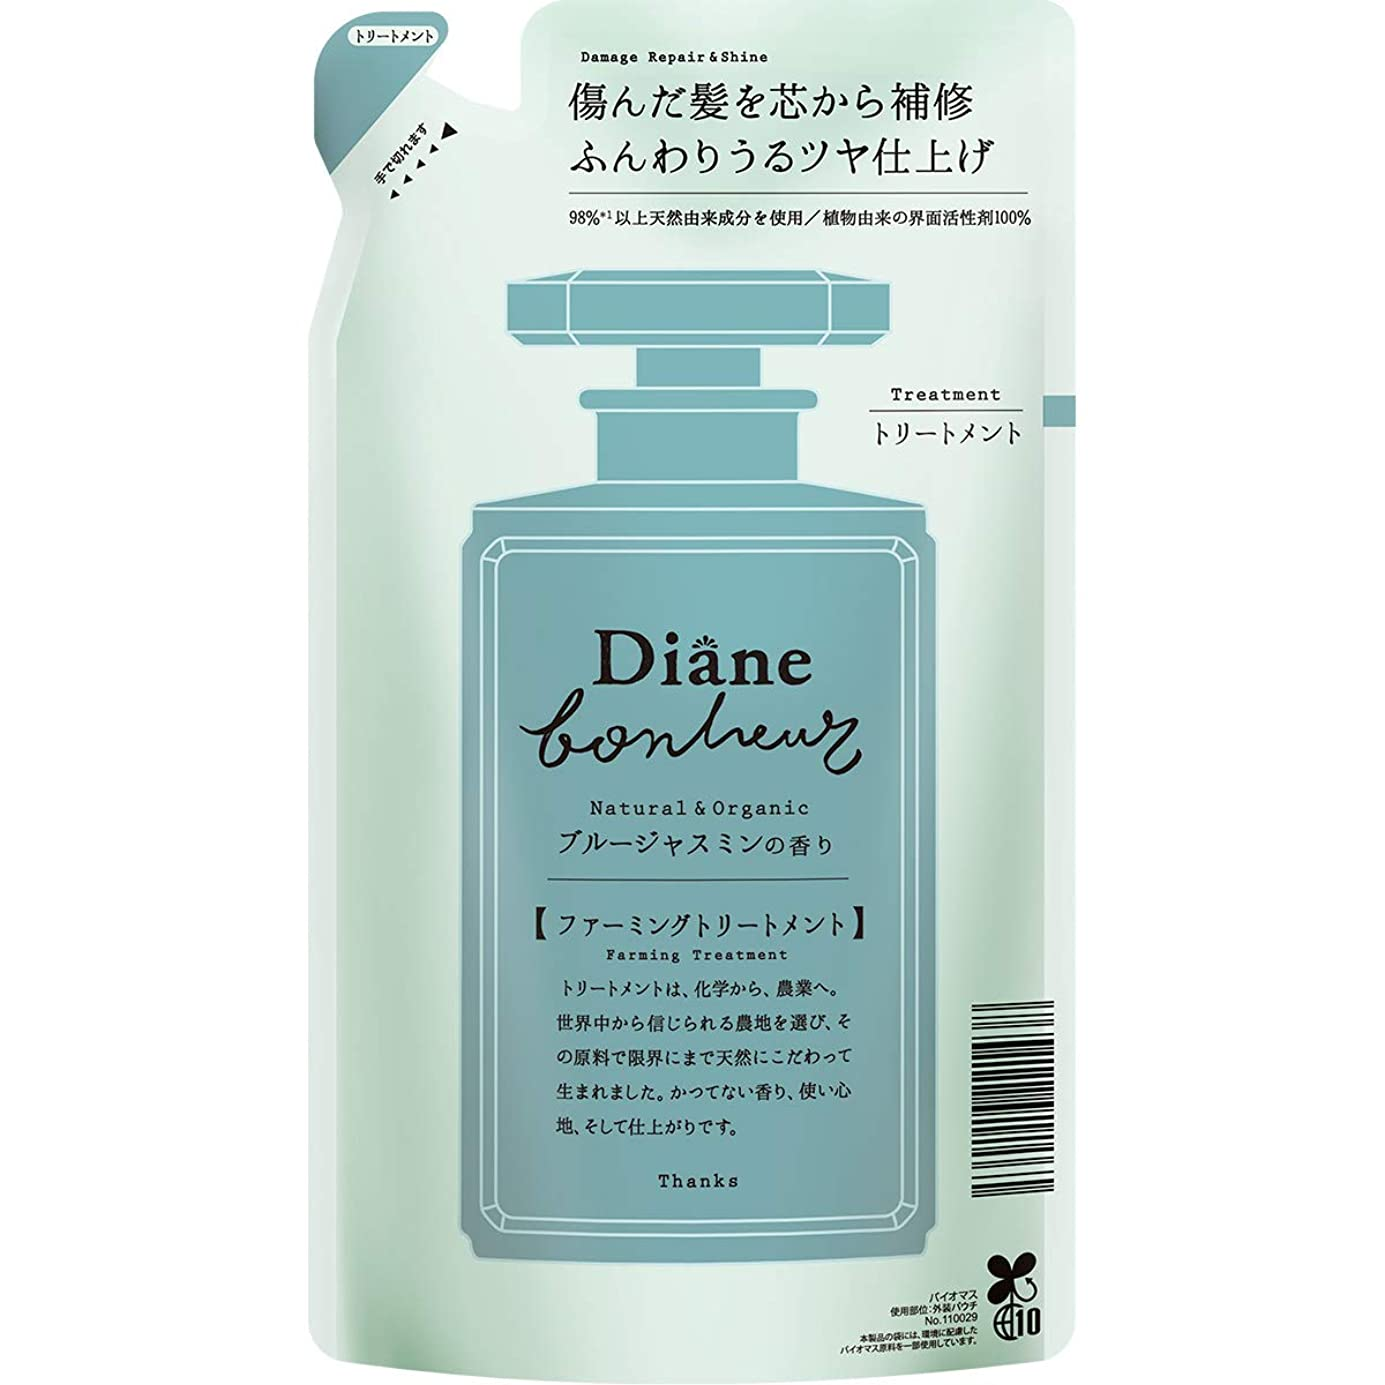 植物学者フェミニン雪だるまダイアン ボヌール トリートメント ブルージャスミンの香り ダメージリペア&シャイン 詰め替え 400ml